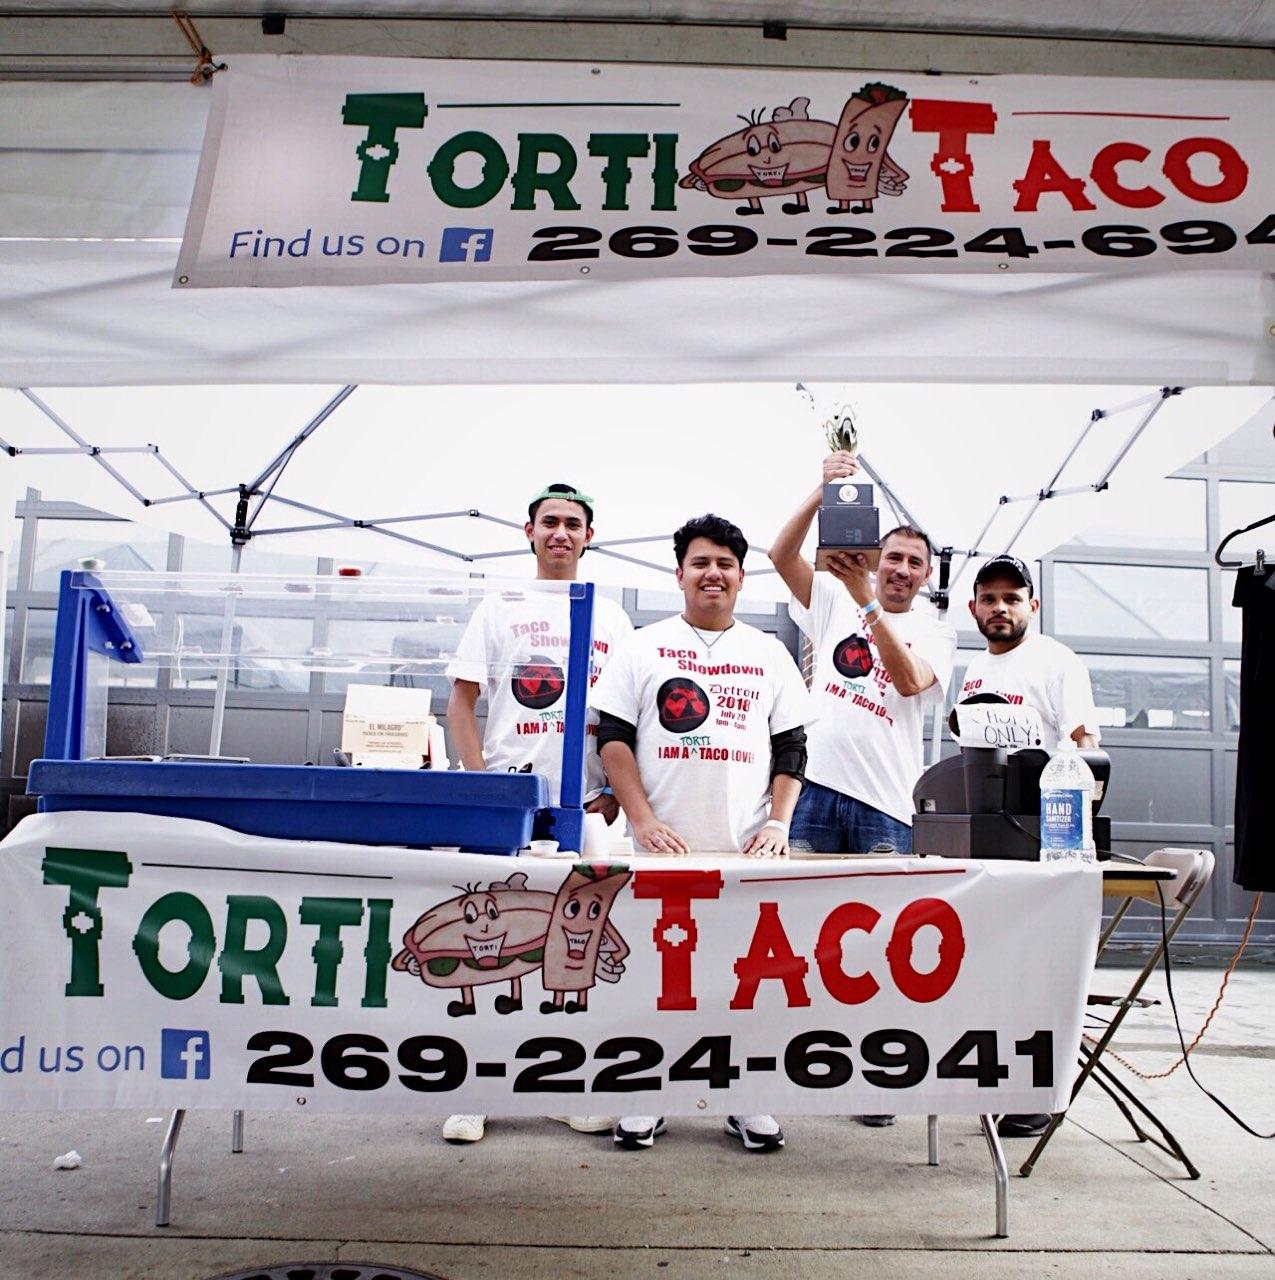 Torti Taco Crew